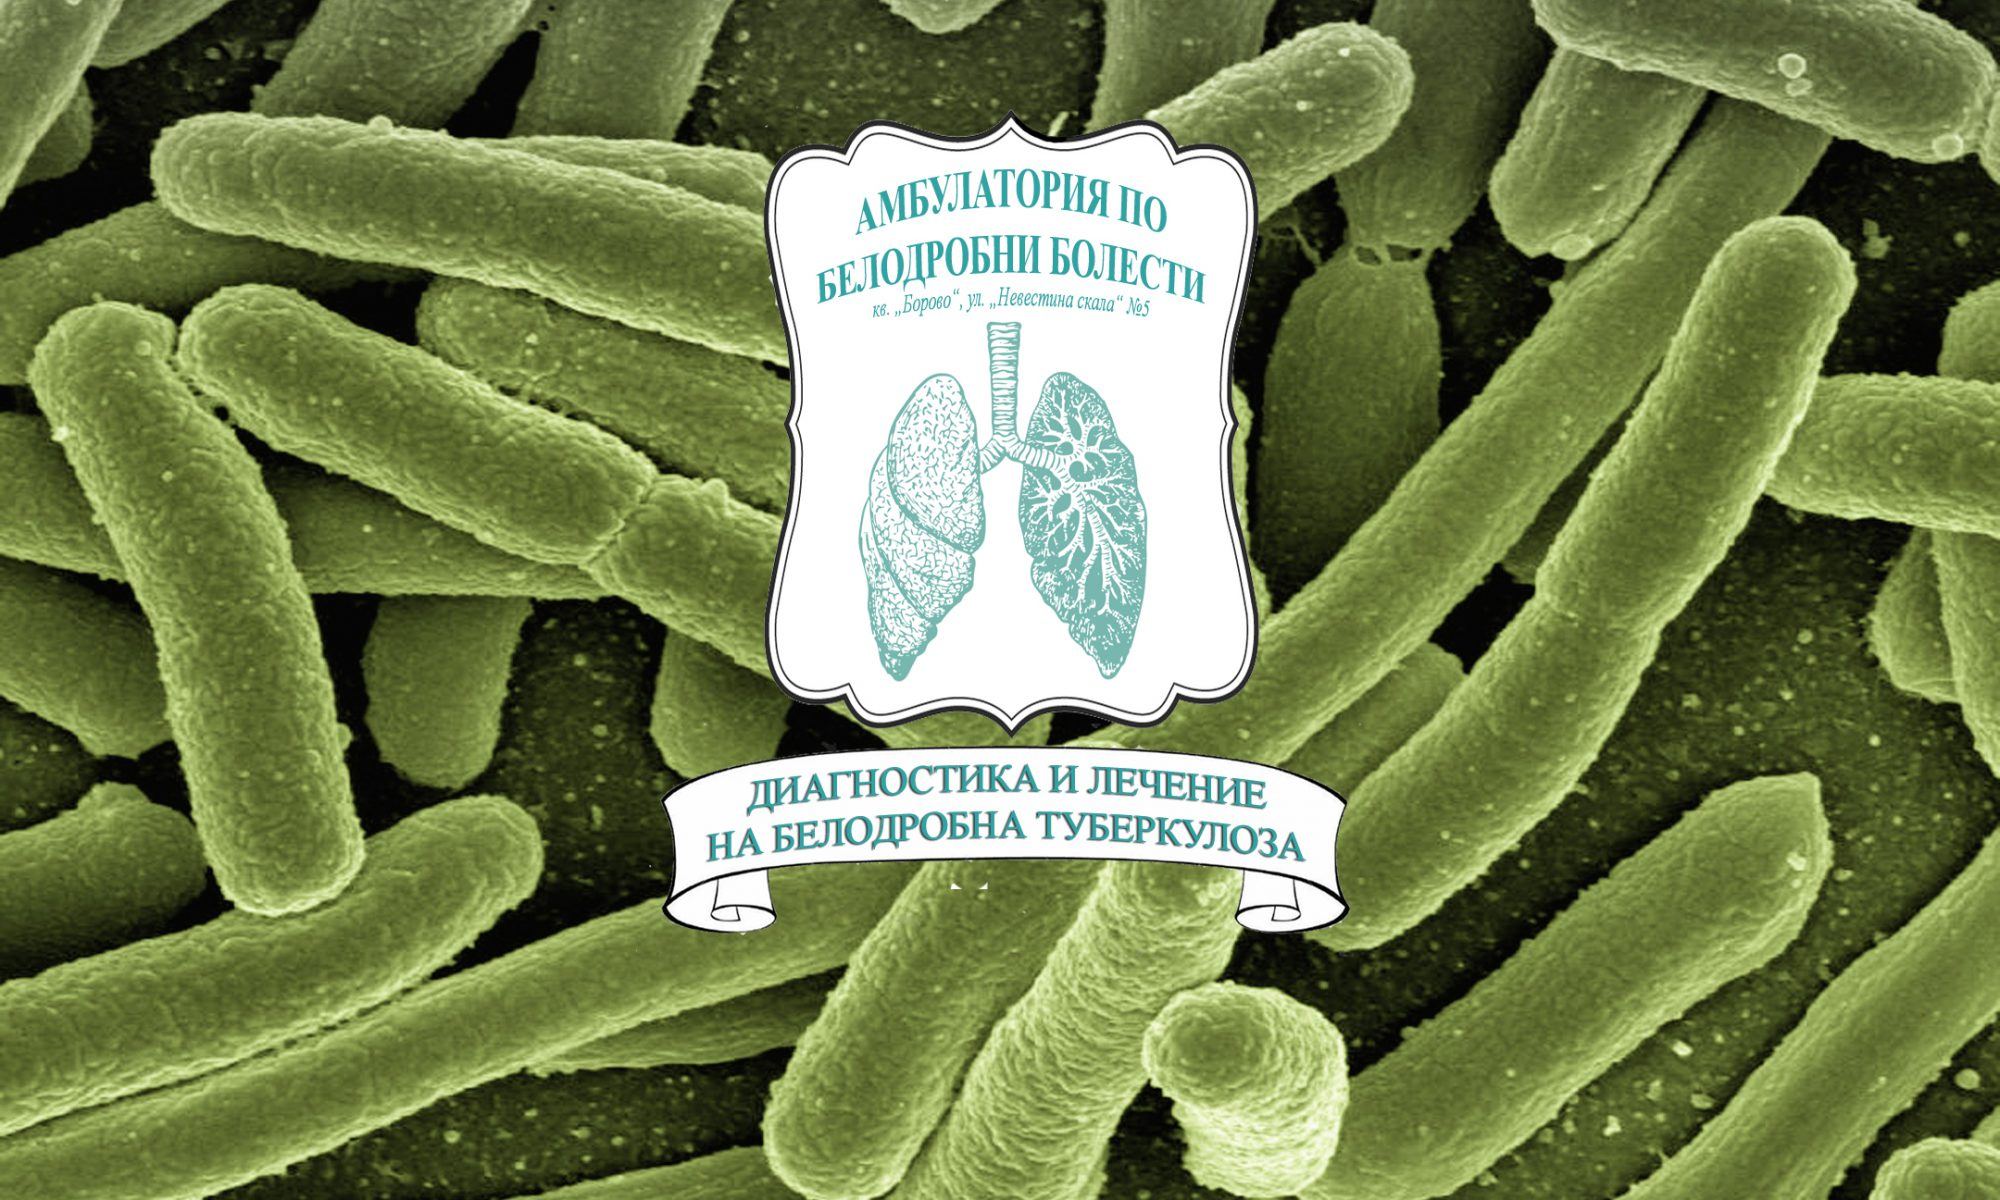 Амбулатория по Белодробни болести